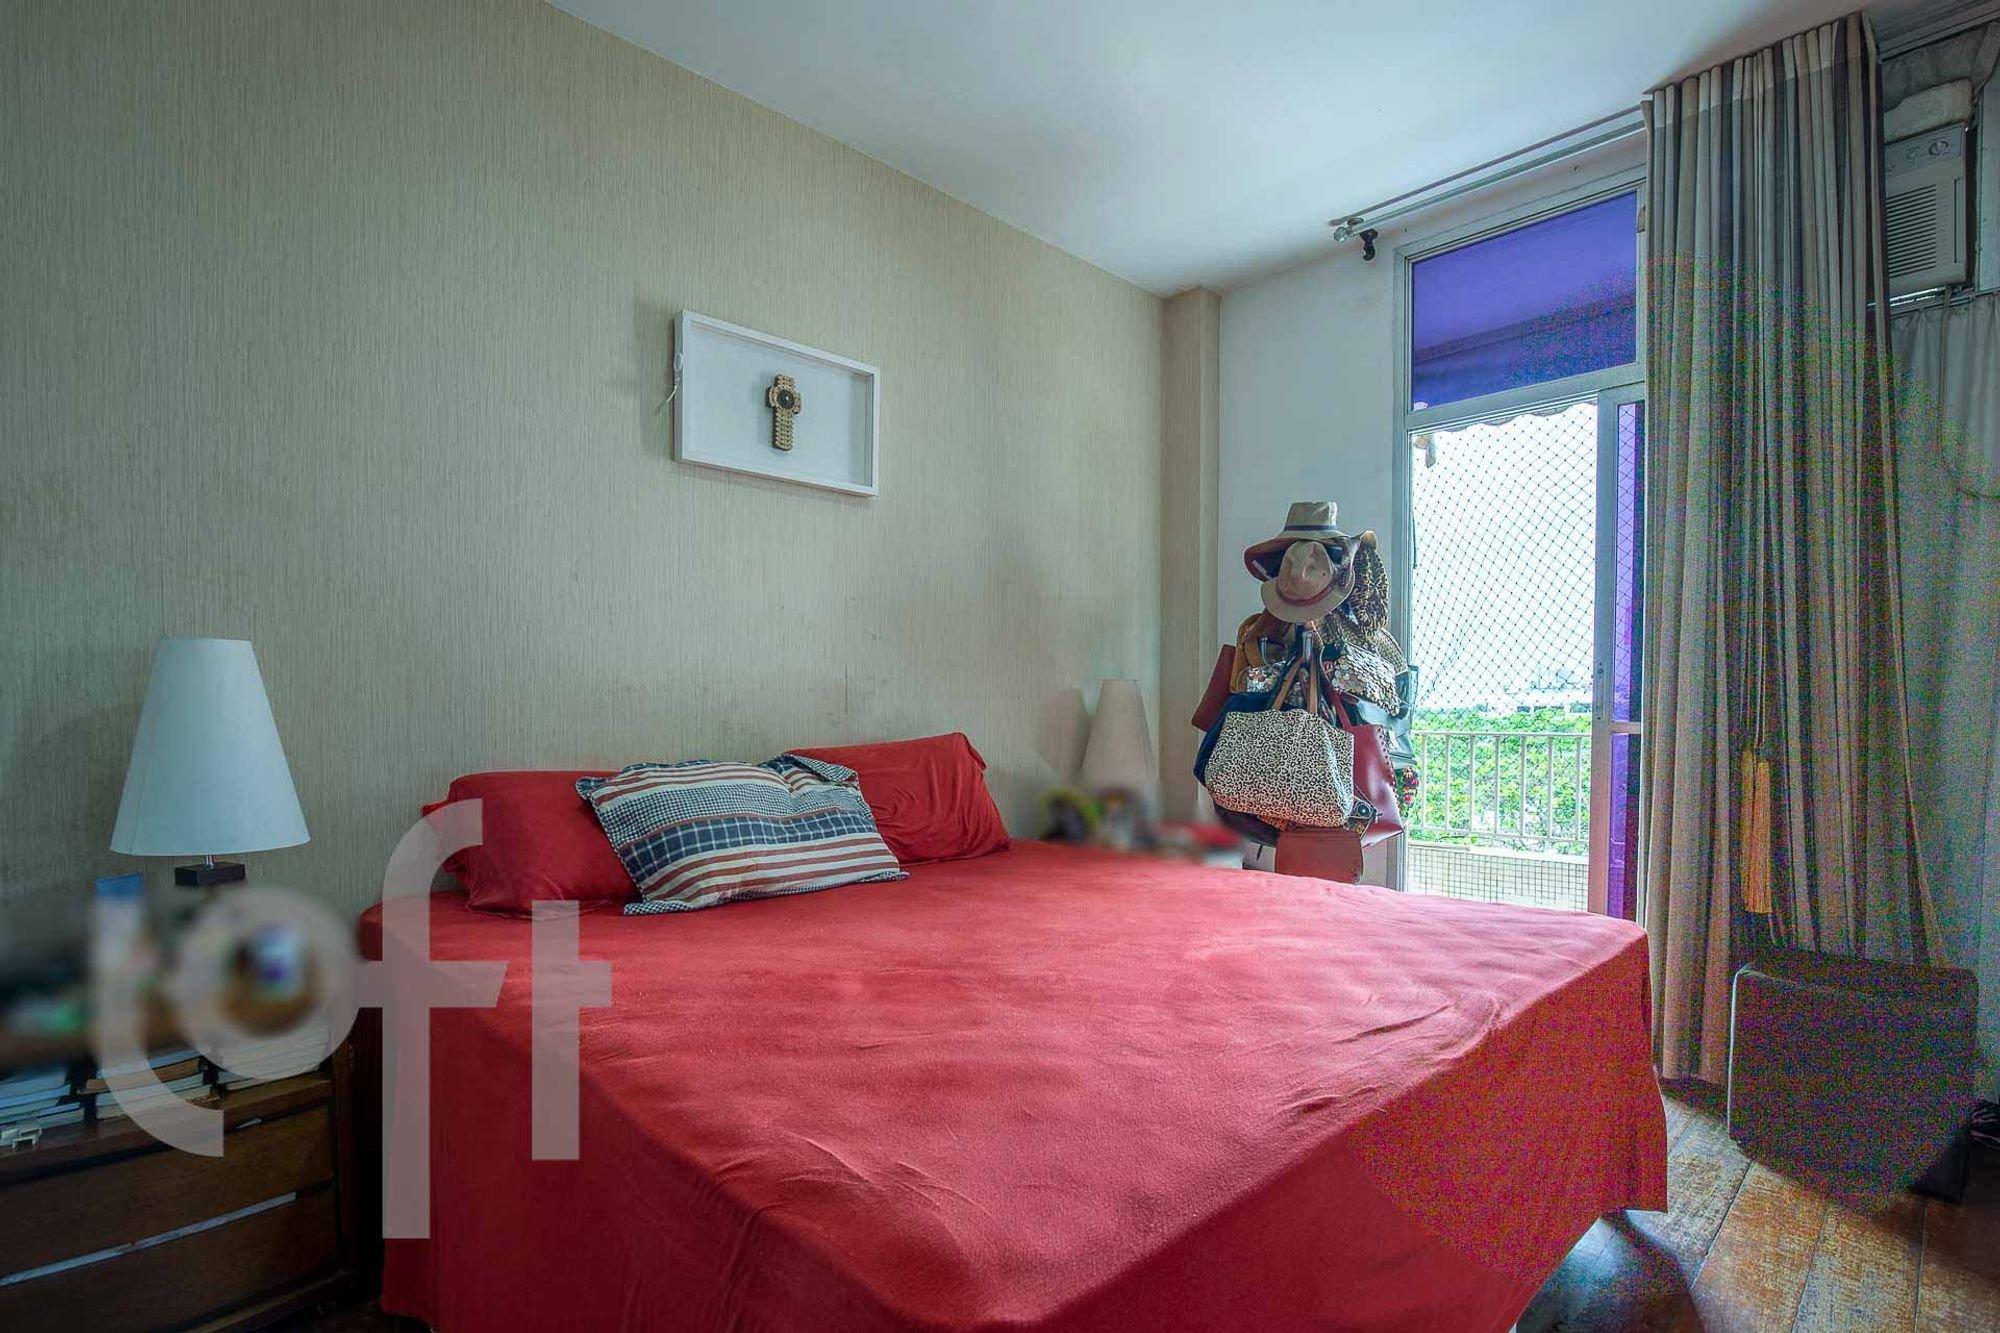 Foto de Varanda com cama